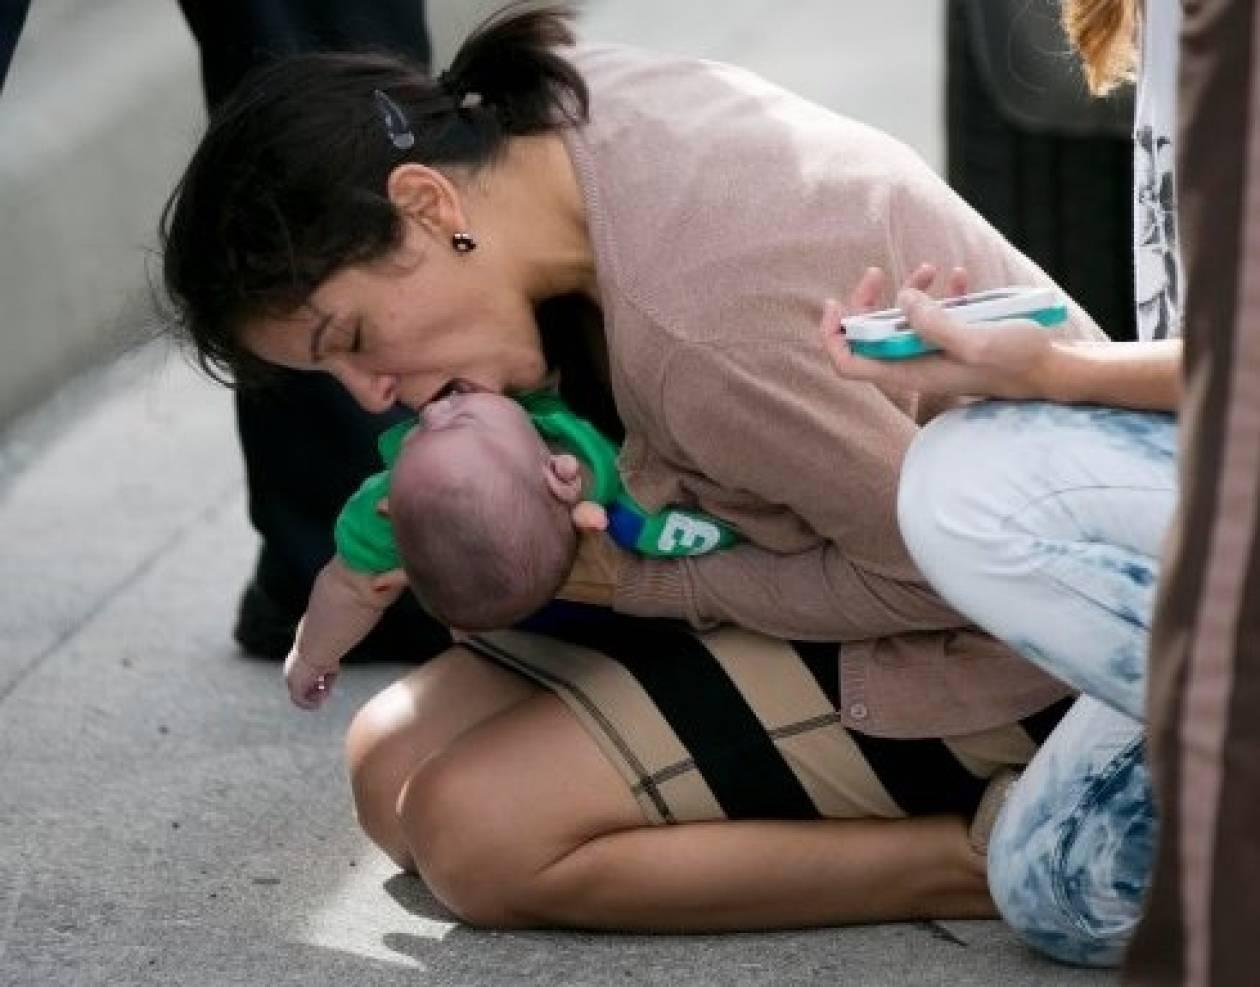 Βγήκε στη μέση του δρόμου με  μωρό που δεν ανέπνεε!